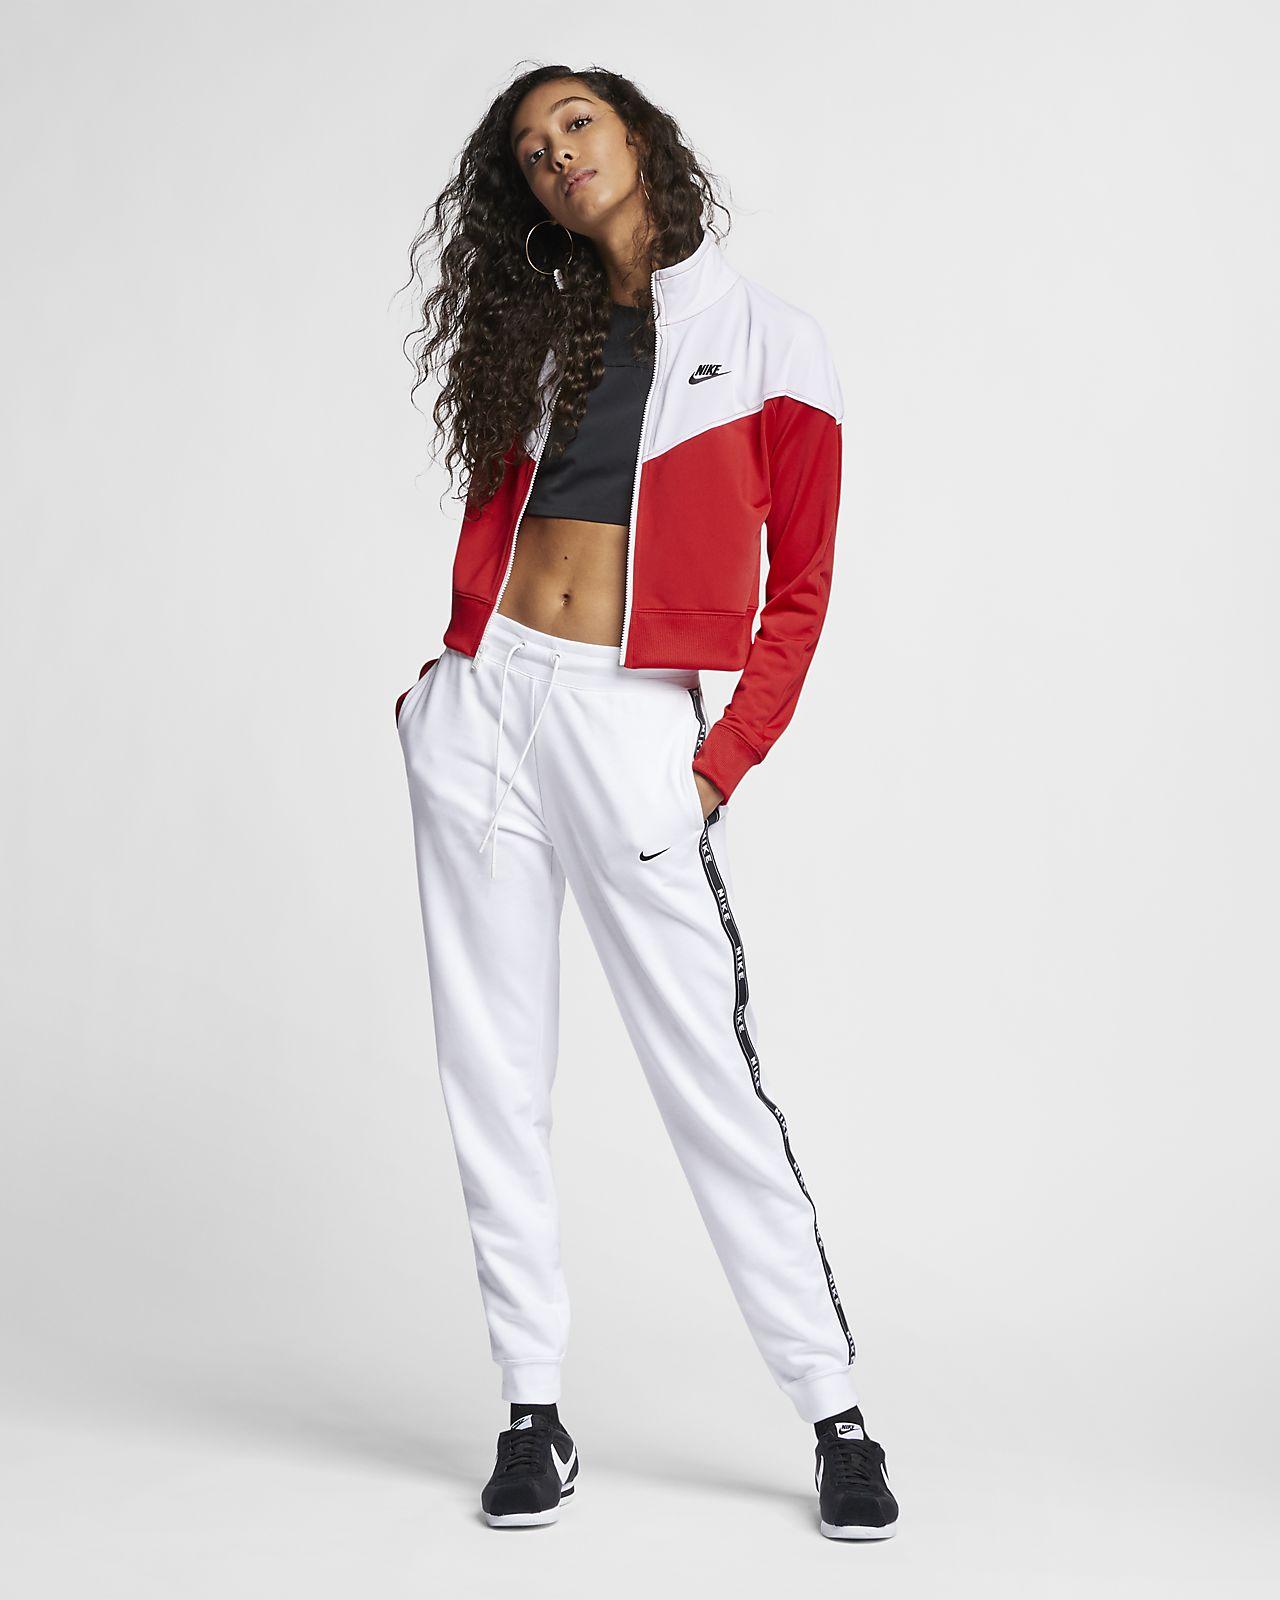 f9f8c83890 Nike Sportswear Windrunner Women s Knit Jacket. Nike.com ZA